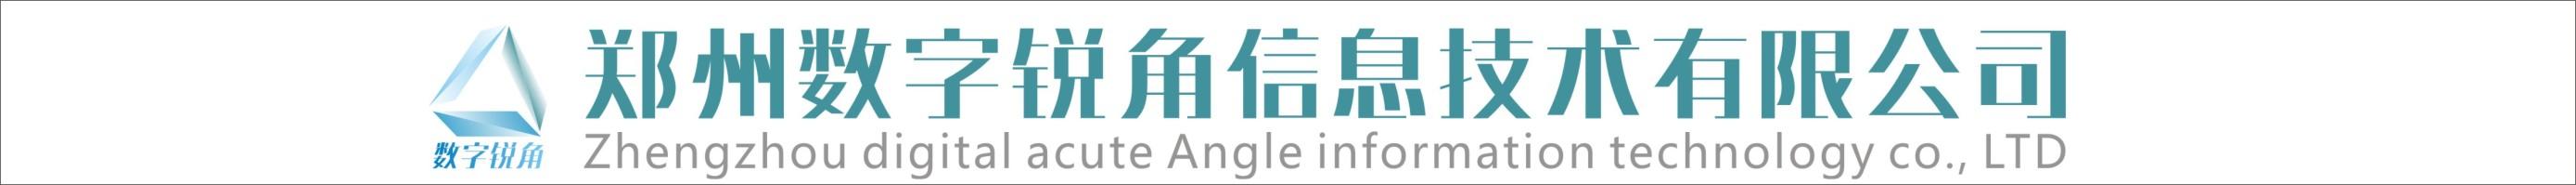 郑州数字锐角信息技术有限公司